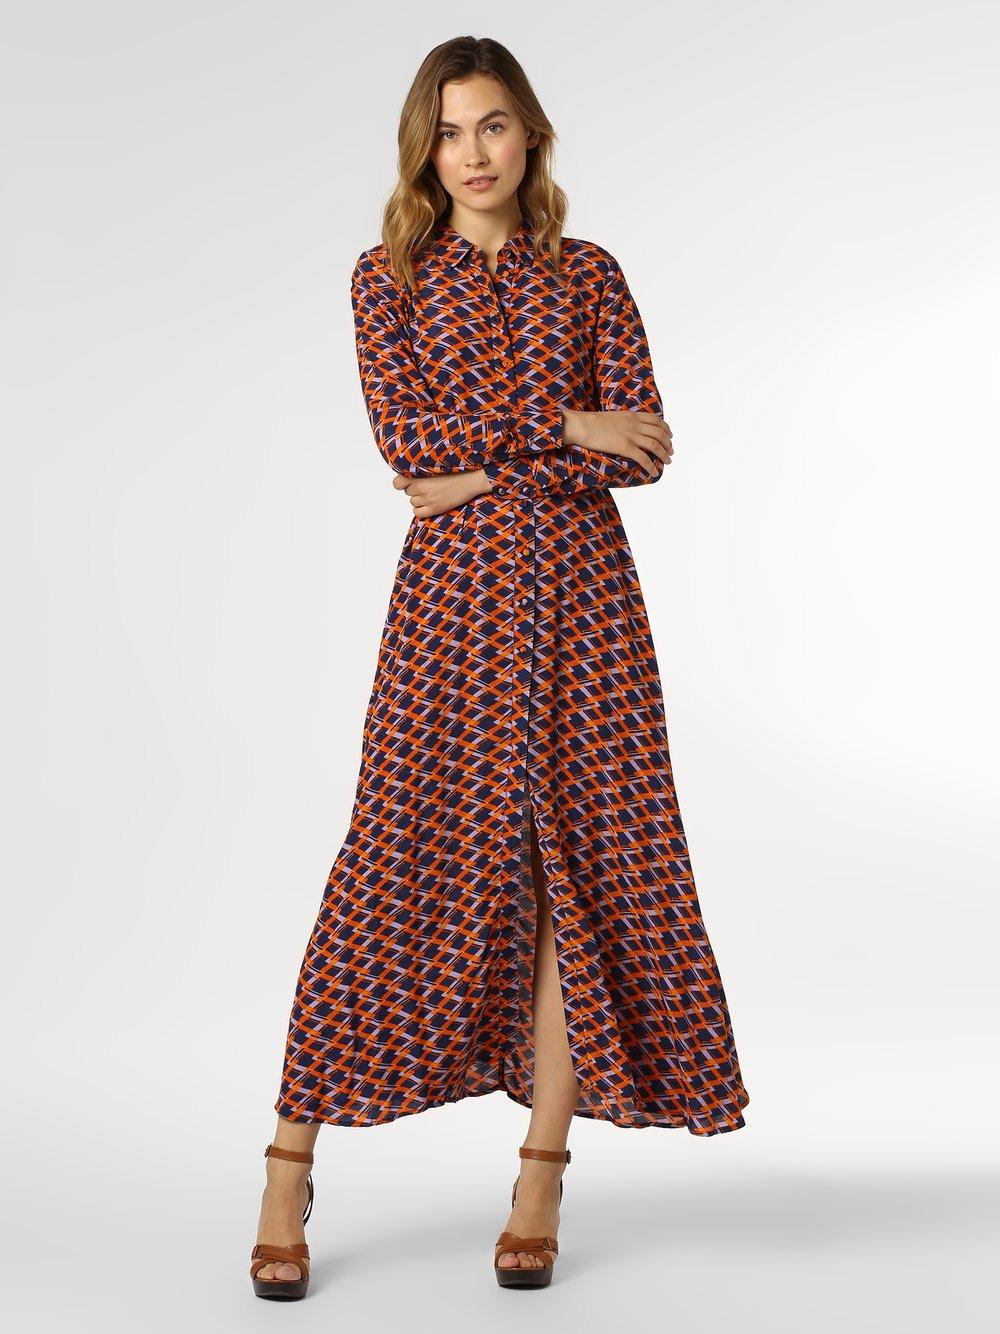 Designer Spektakulär Y.A.S Abendkleid Ärmel15 Luxus Y.A.S Abendkleid Stylish